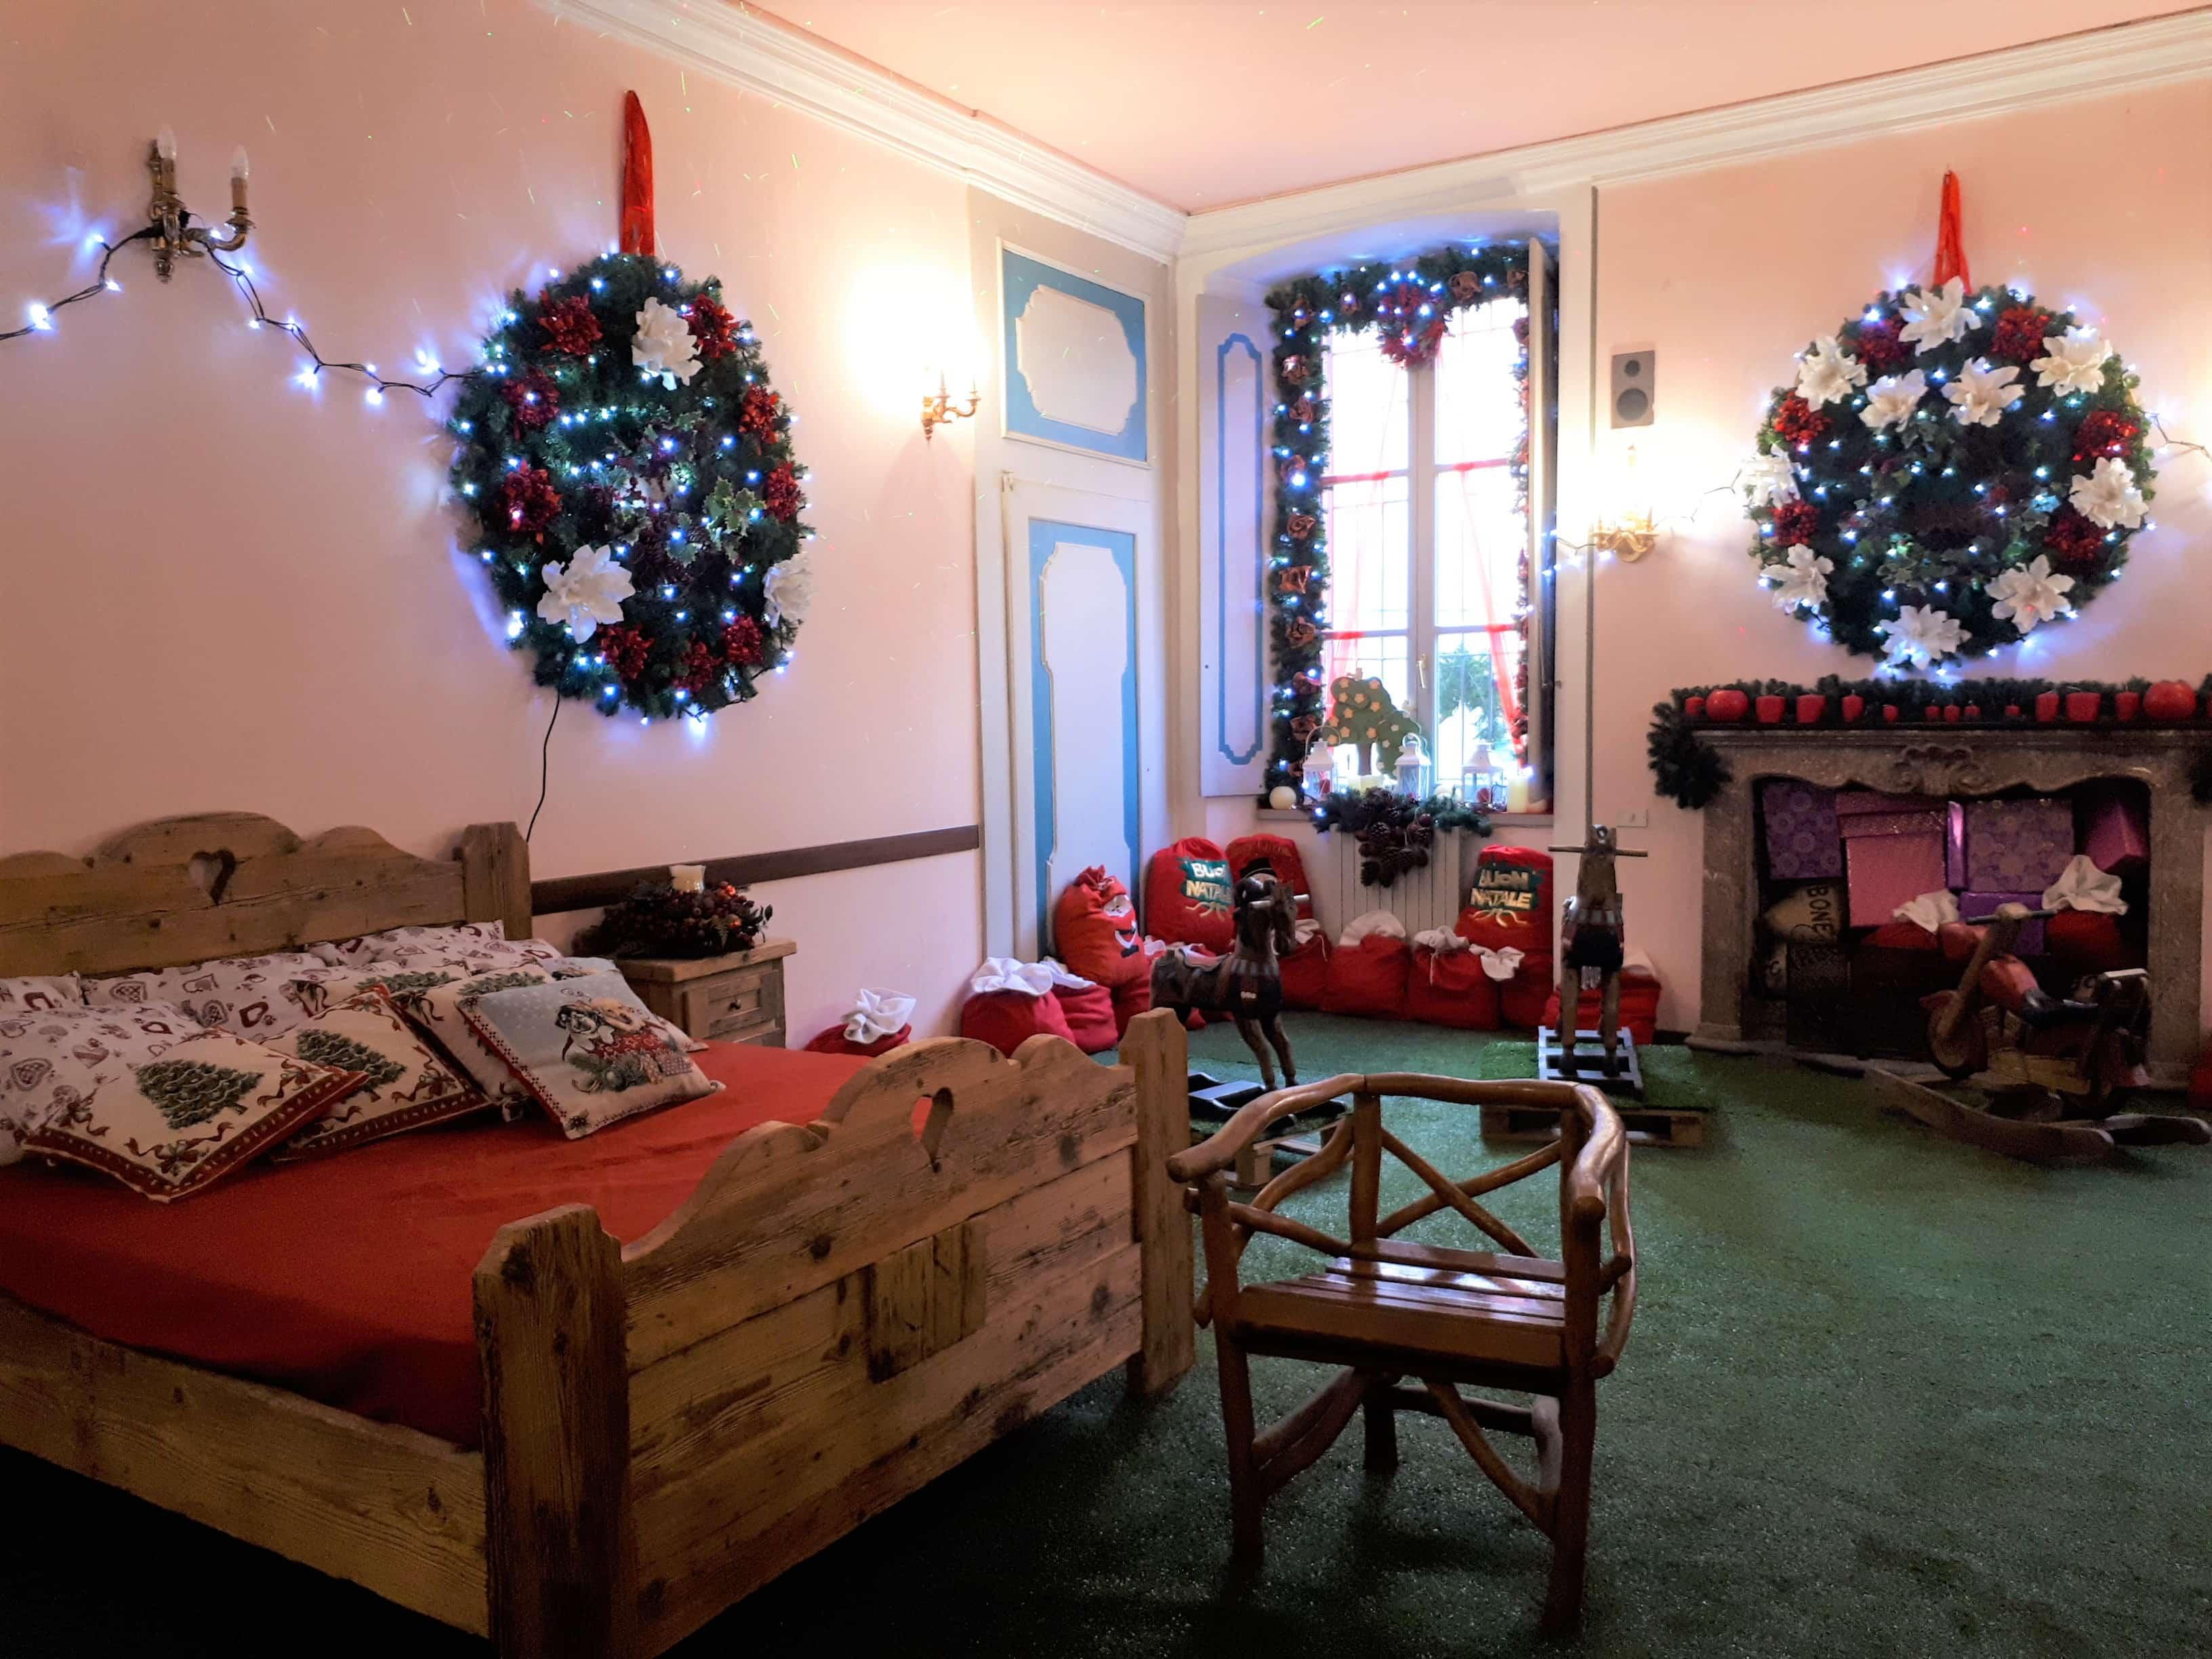 La Casa Bergamasca Di Babbo Natale.La Casa Bergamasca Di Babbo Natale A Gromo Dai Che Partiamo Travel Blog